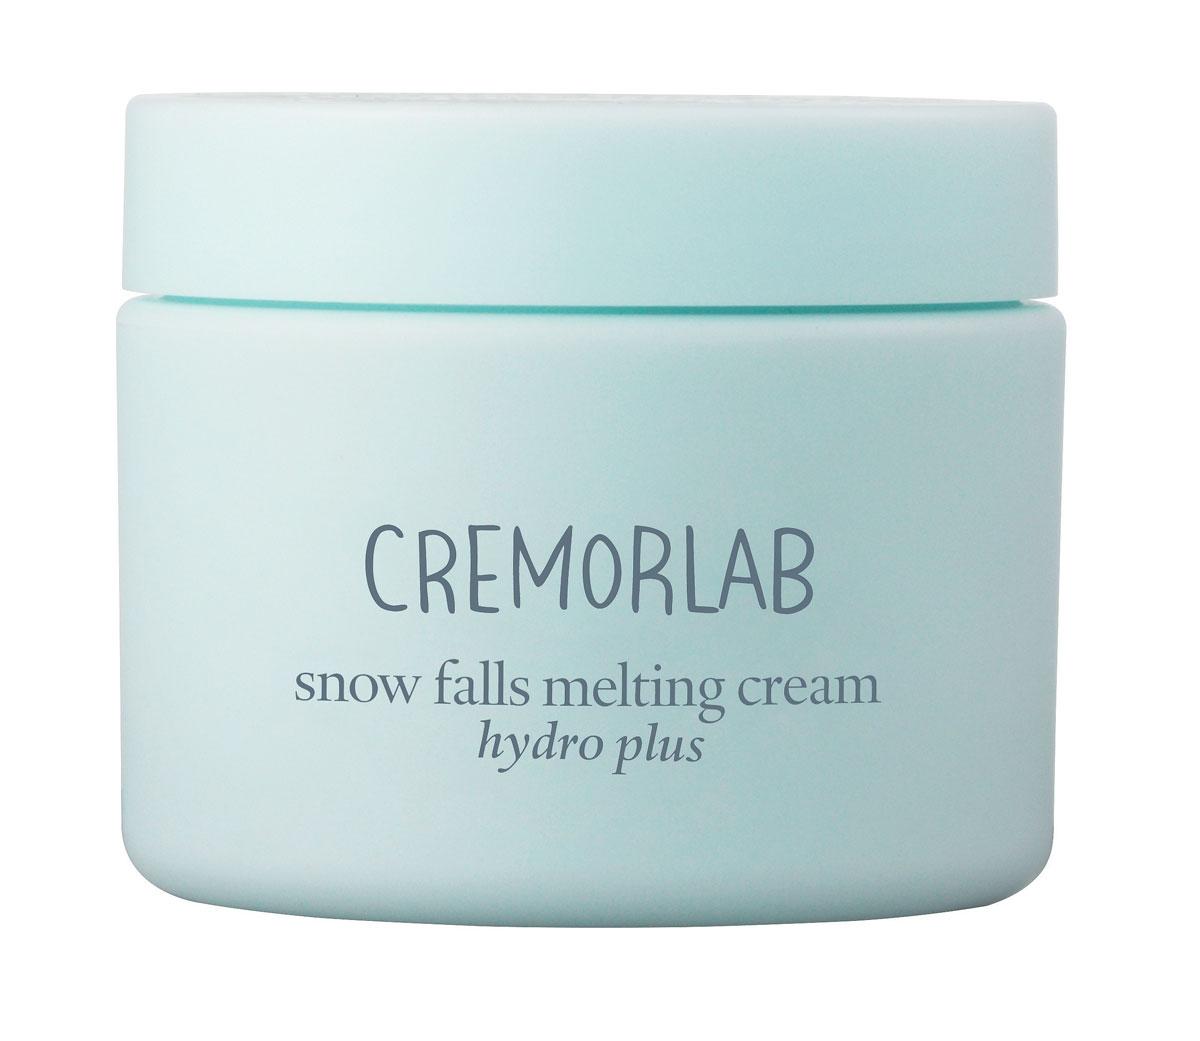 Cremorlab Hydro Plus Крем глубокого увлажнения с экстрактом эдельвейса Snow Falls Melting Cream, 60 мл65100707Высокоэффективная увлажняющая формула крема, в котором природная минеральная вода обогащенная экстрактом эдельвейса и гиалуроновой кислотой, интенсивно увлажняет глубокие слои кожи и дарит ощущение бесконечной свежести. Мгновенно стирает следы усталости, быстро впитывается и эффективно снимает раздражение и красноту. Средство обладает способностью запиратьводу в коже (на 72 часа) и препятствовать ее избыточному испарению, что обеспечивает стойкий лифтинг эффект. Морской коллаген активизирует клеточный метаболизм, эффективно замедляет процессы старения, насыщает кожу жизненной энергией. Надежно защищает от неблагоприятных факторов окружающей среды. Не содержит парабенов, спиртов, искусственных красителей, PABA, талька, бензофенона. Подходит для всех типов и состояний кожи.